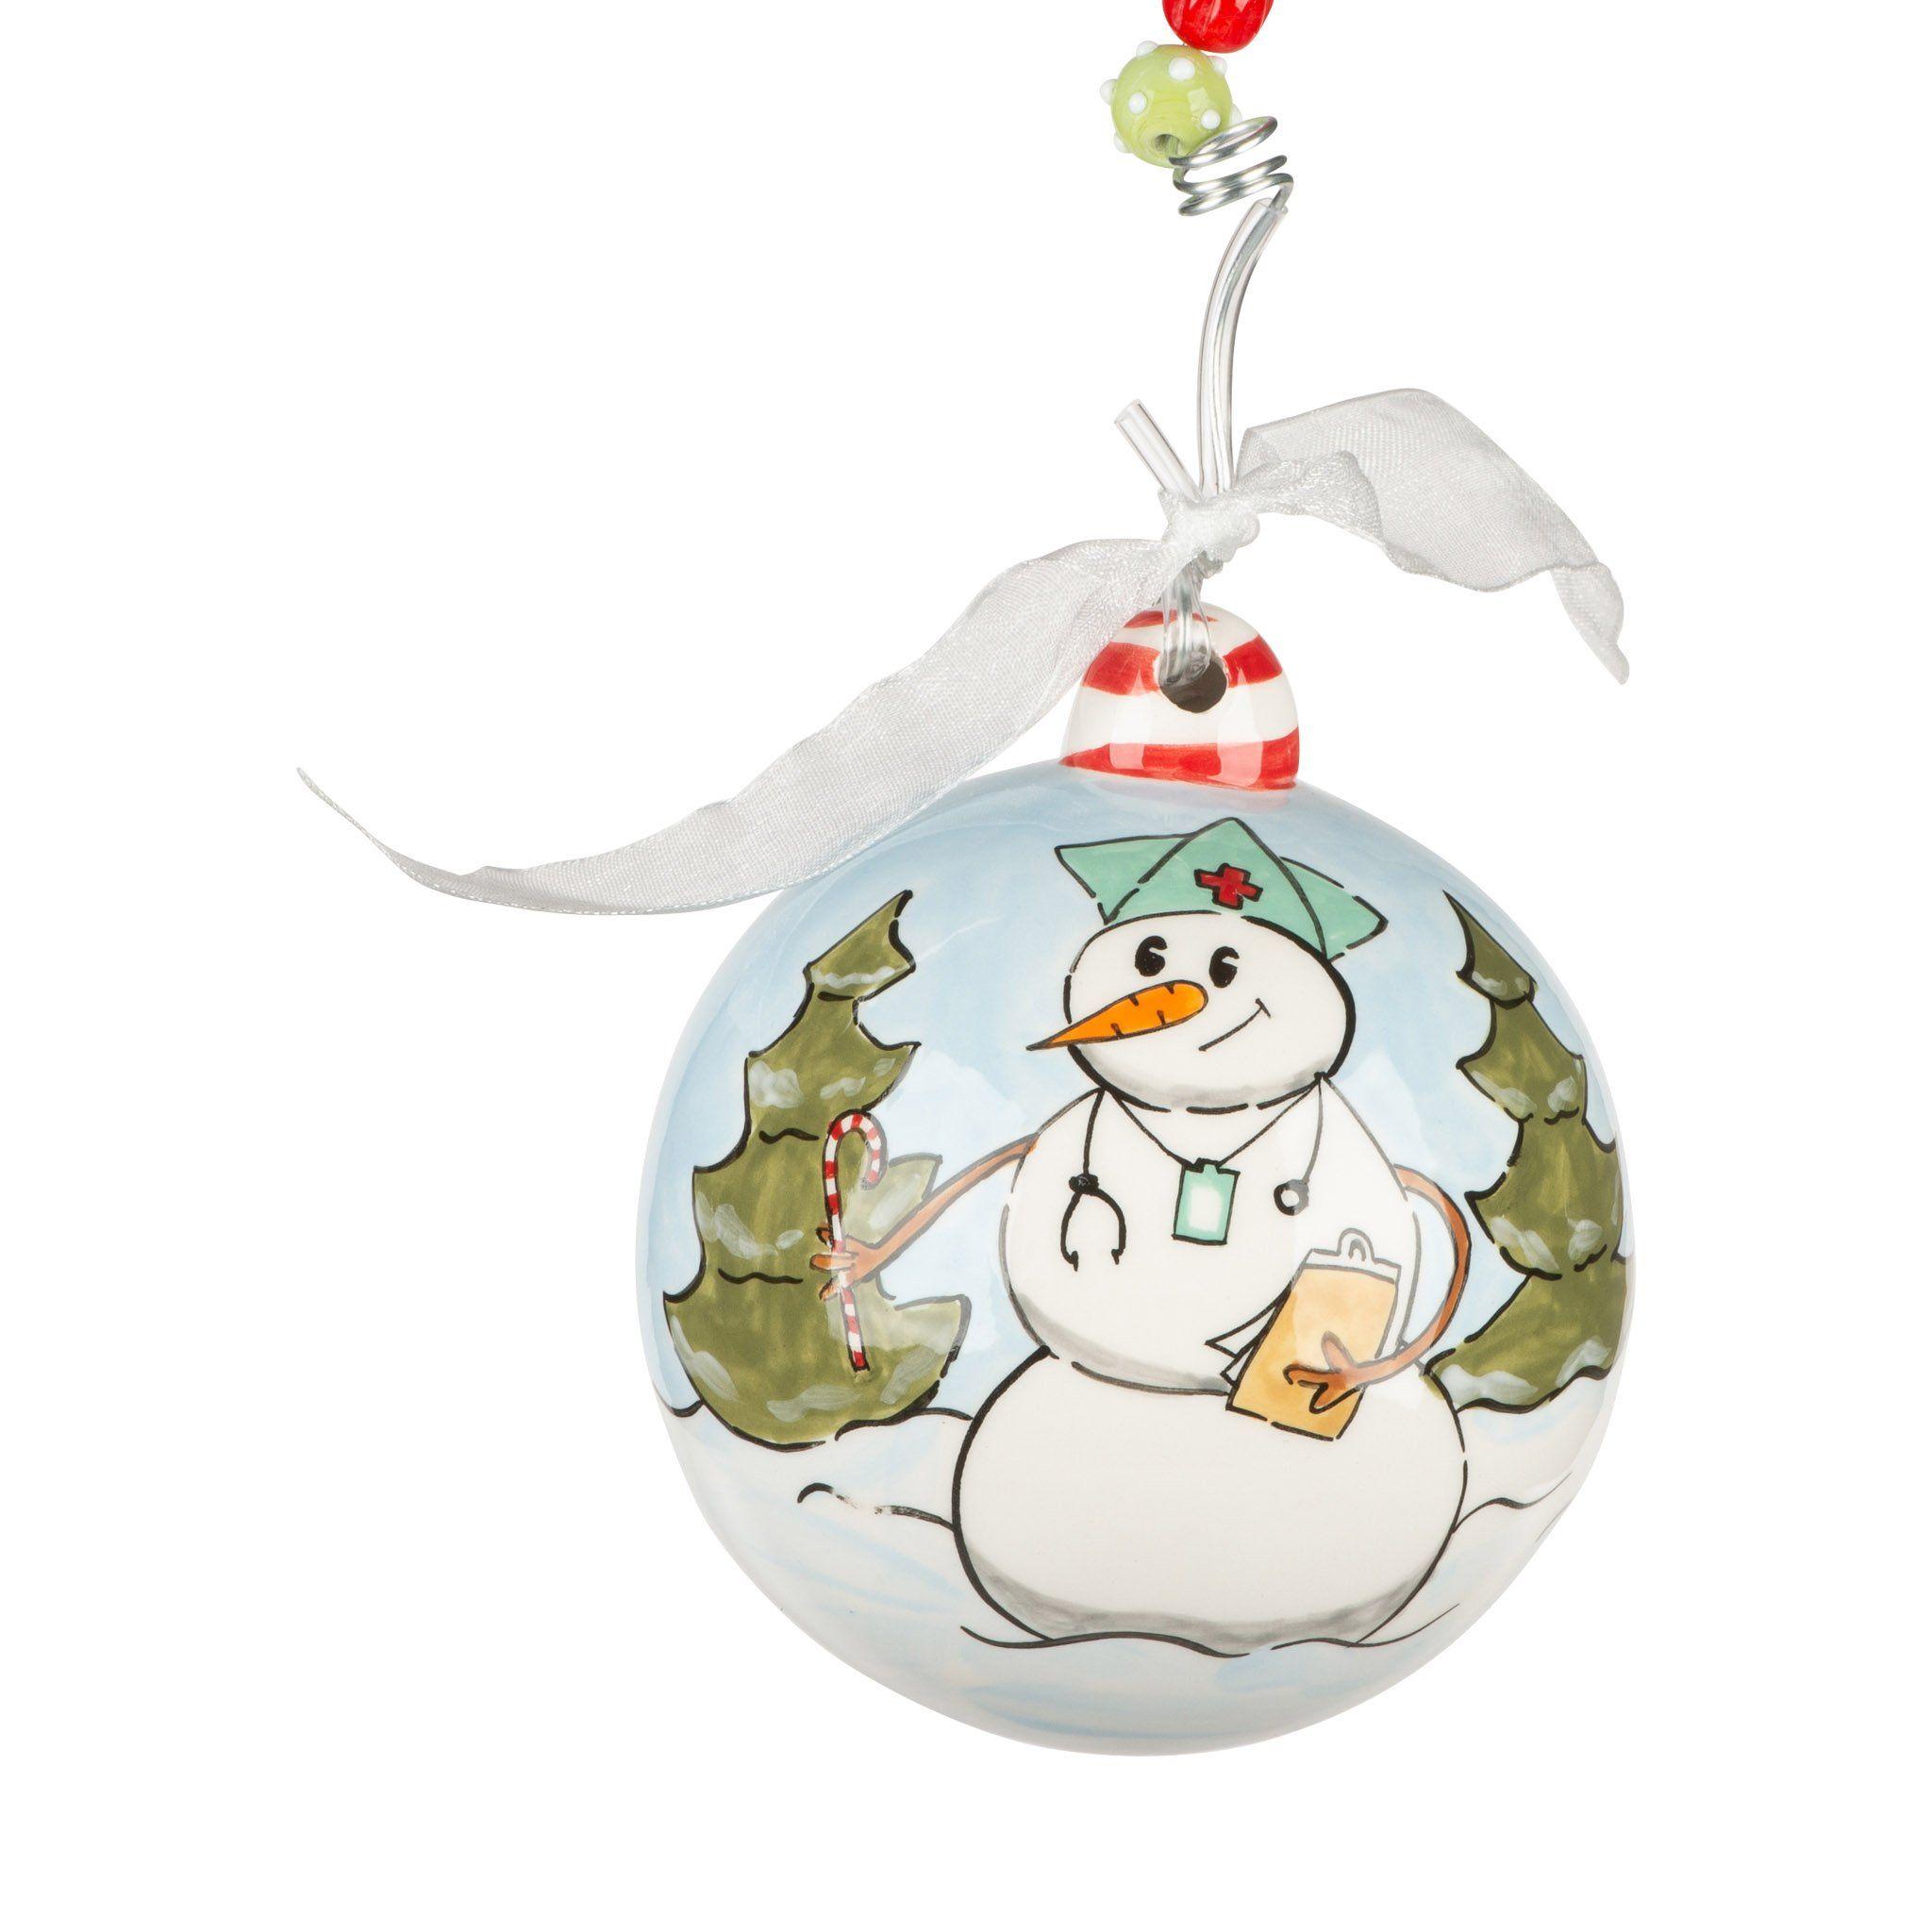 Nurse Snowman Ornament Hand Painted Ornaments Painted Christmas Ornaments Wood Christmas Ornaments